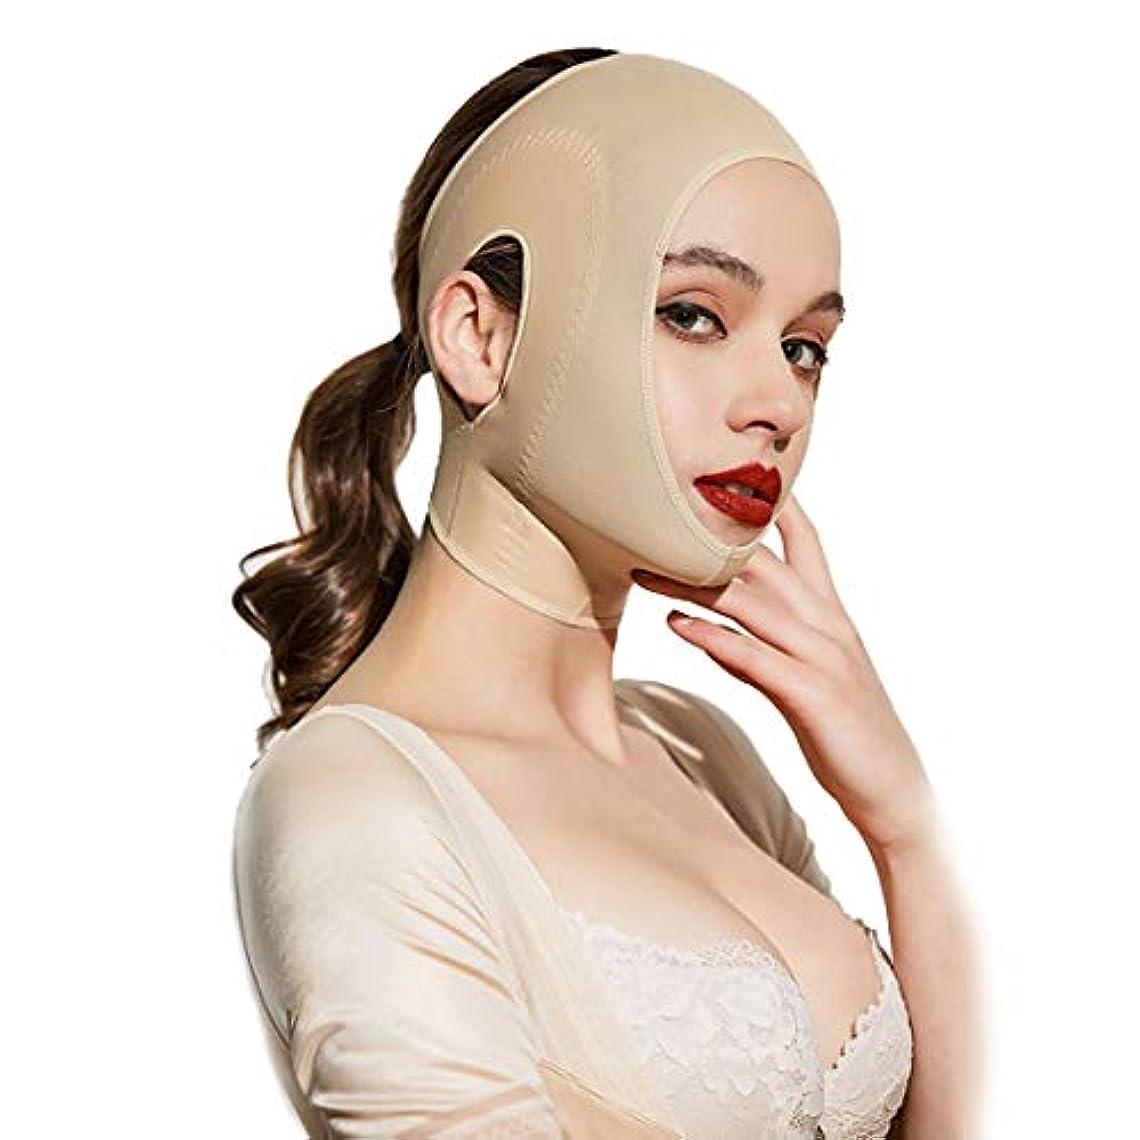 毎年変化懐疑的ZWBD フェイスマスク, 薄い顔包帯睡眠ステッカー包帯V顔引き締め垂れ顔ダブルあご薄い一口筋肉整形マスク (Size : M)